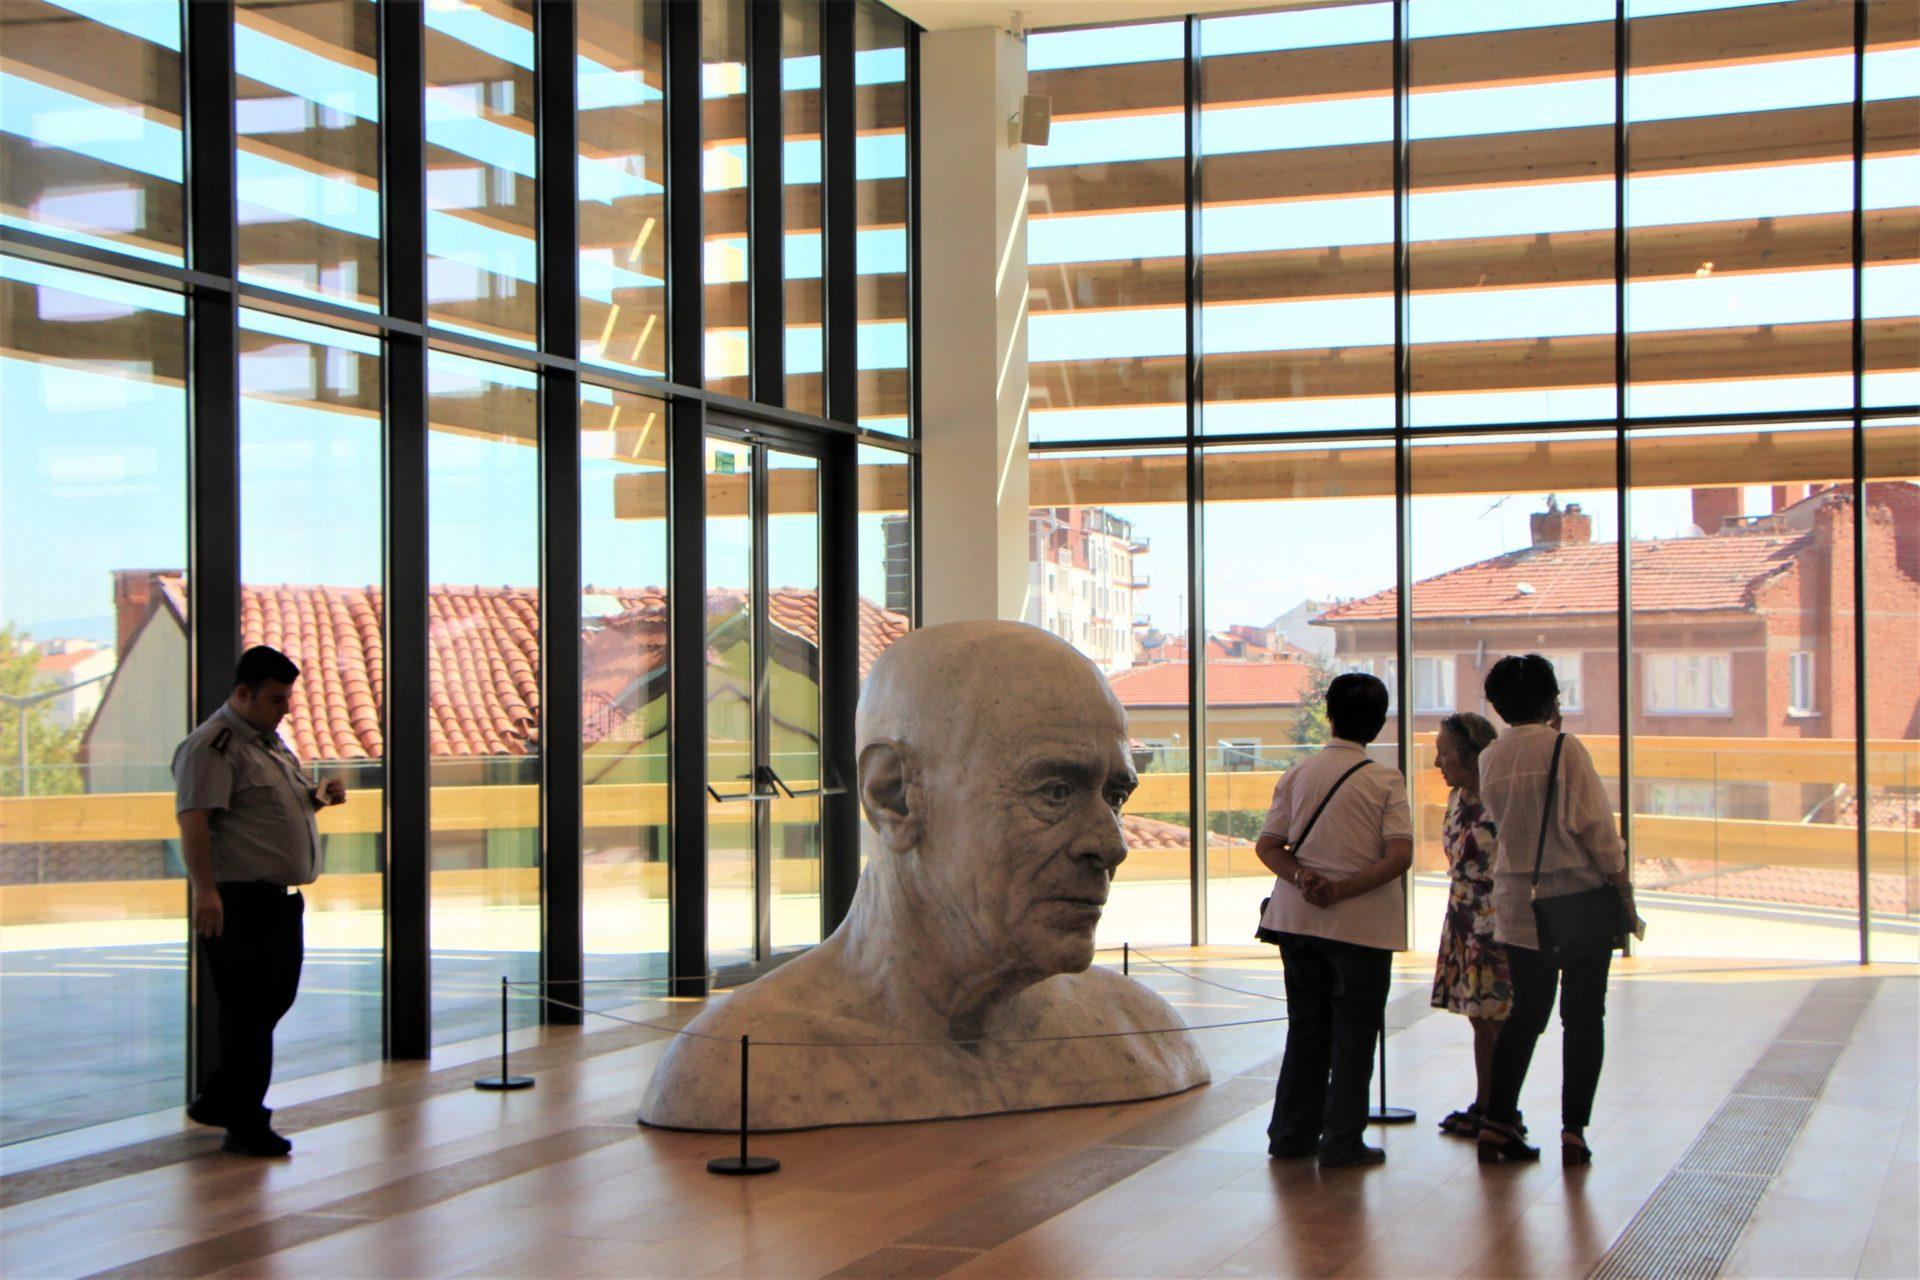 【博物之島新訊】OMM土耳其現代藝術博物館—歐洲與東方藝術交融碰撞的新舞台